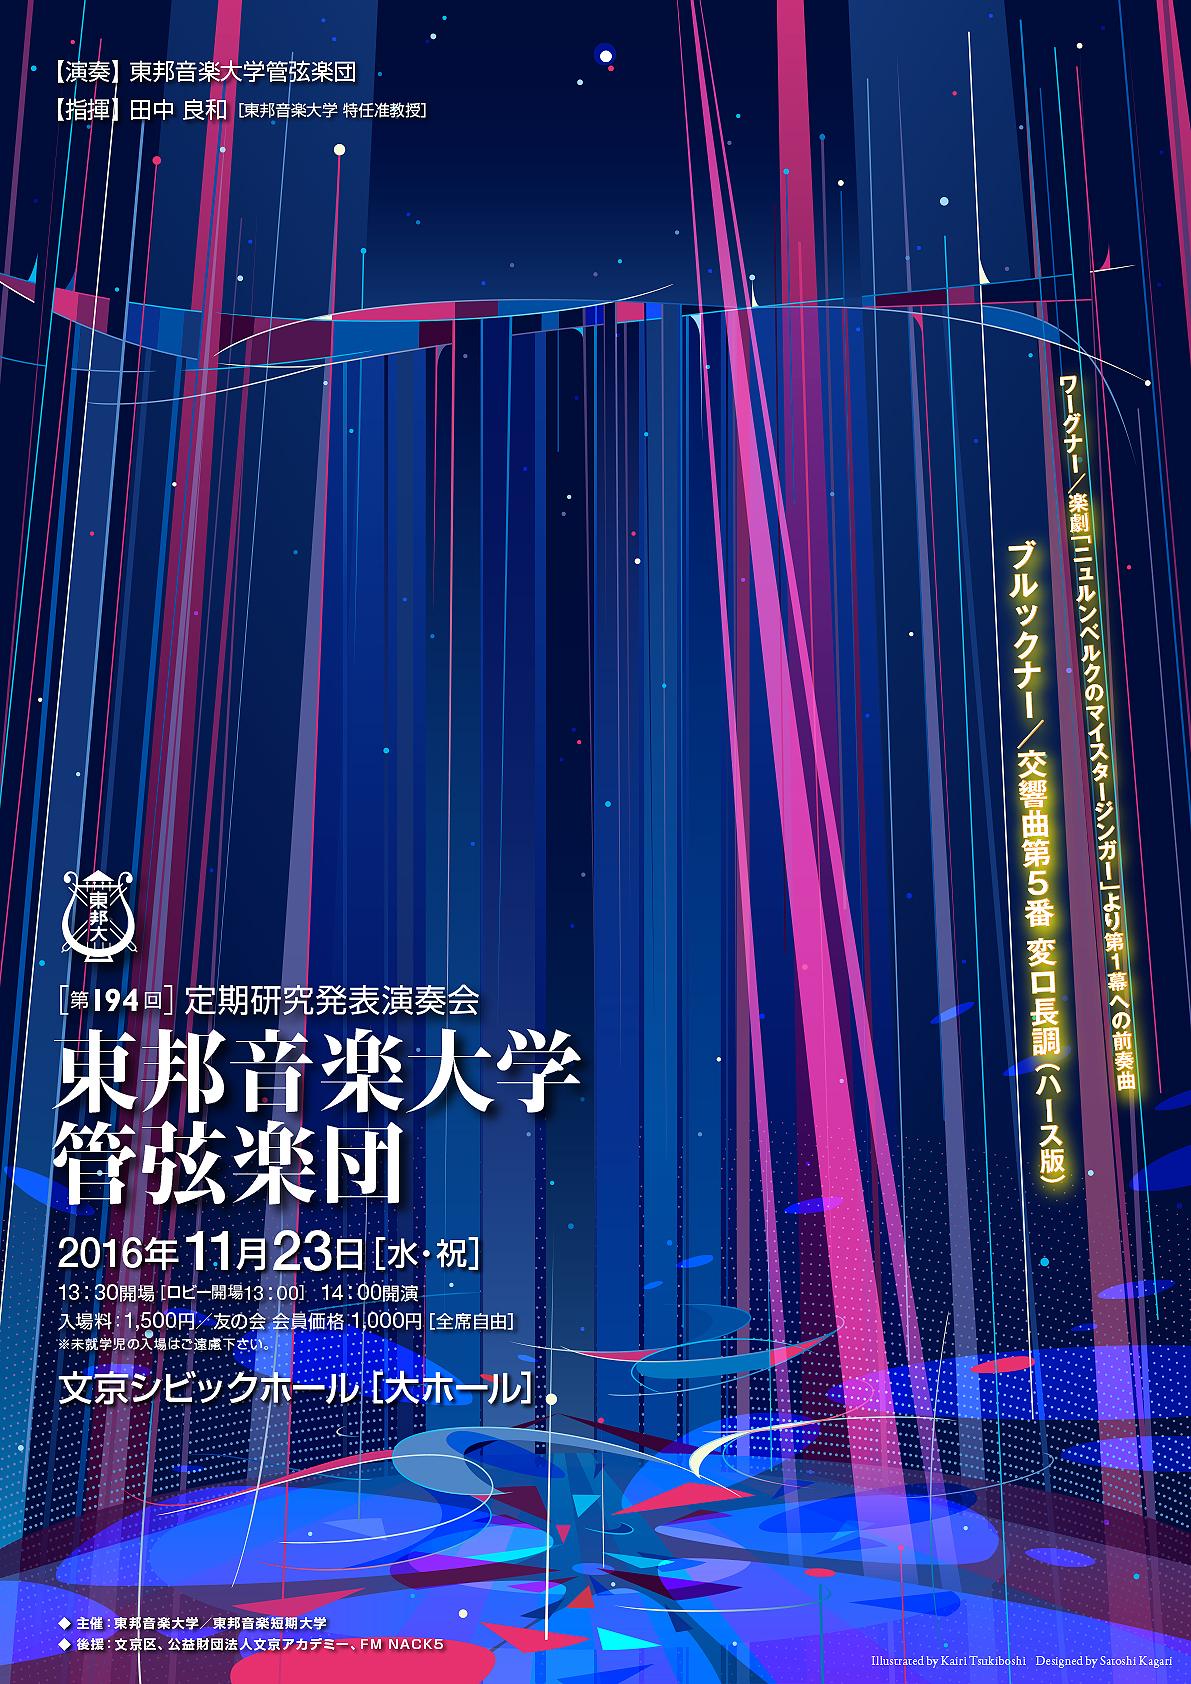 11/23 (水・祝) 第194回定期研究発表演奏会〔オーケストラの部〕